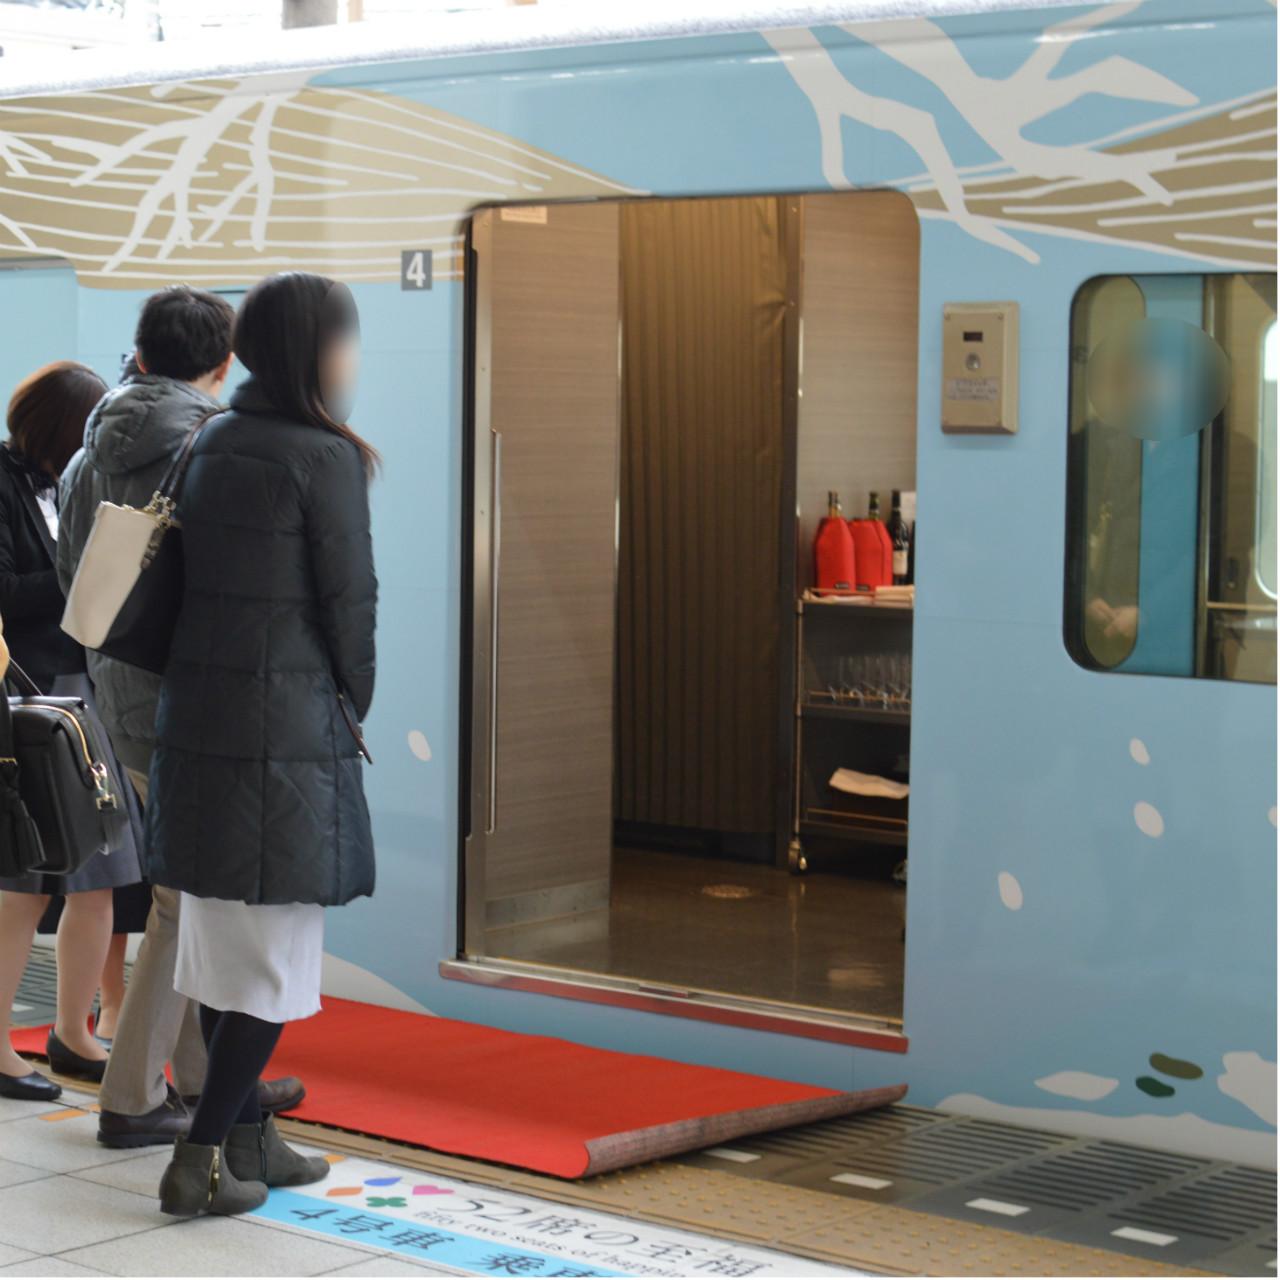 観光電車「西武52席の至福」はレッドカーペットを歩いて電車に乗ることができる